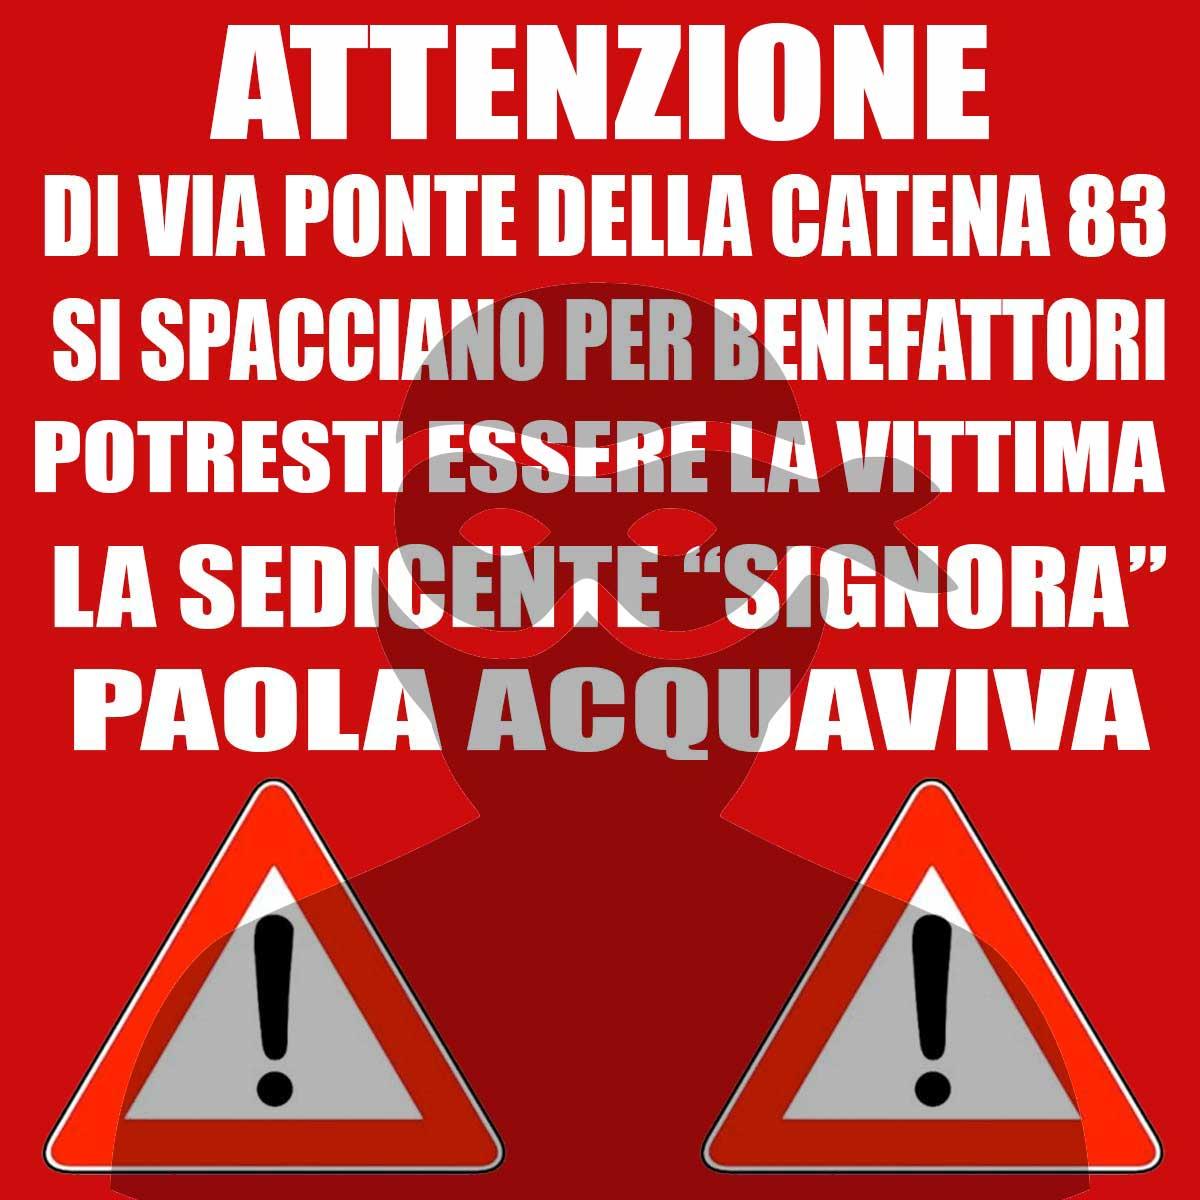 ATTENZIONE alla cricca di via del ponte della catena 83 ROMA ATTENZIONE di via del ponte della catena 83 ROMA - PAOLA ACQUAVIVA